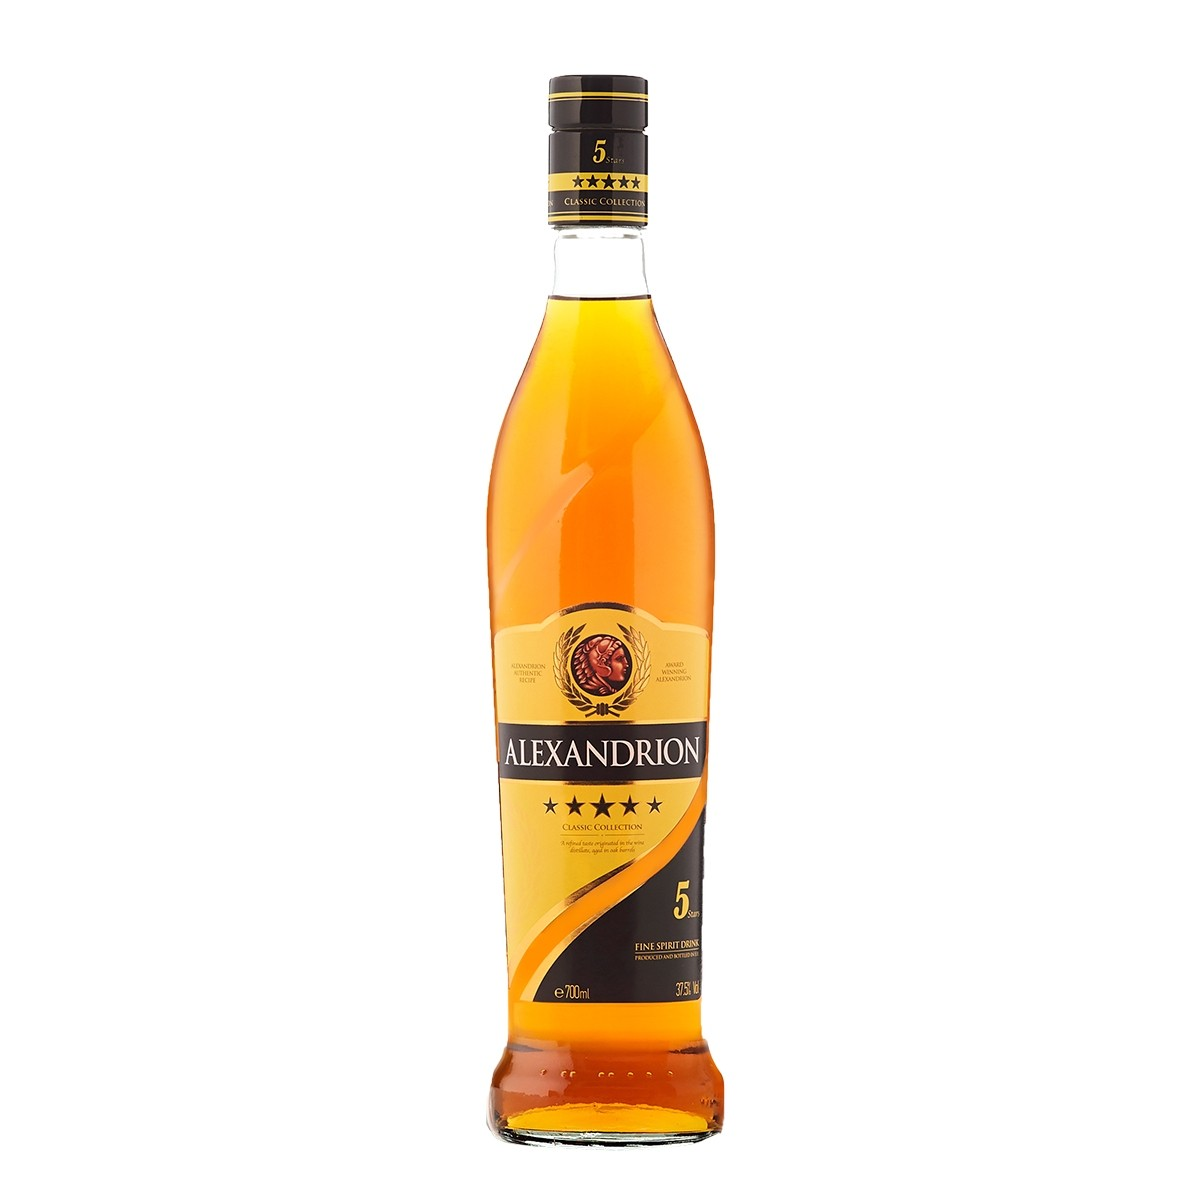 Alexandrion 5* 700 ml